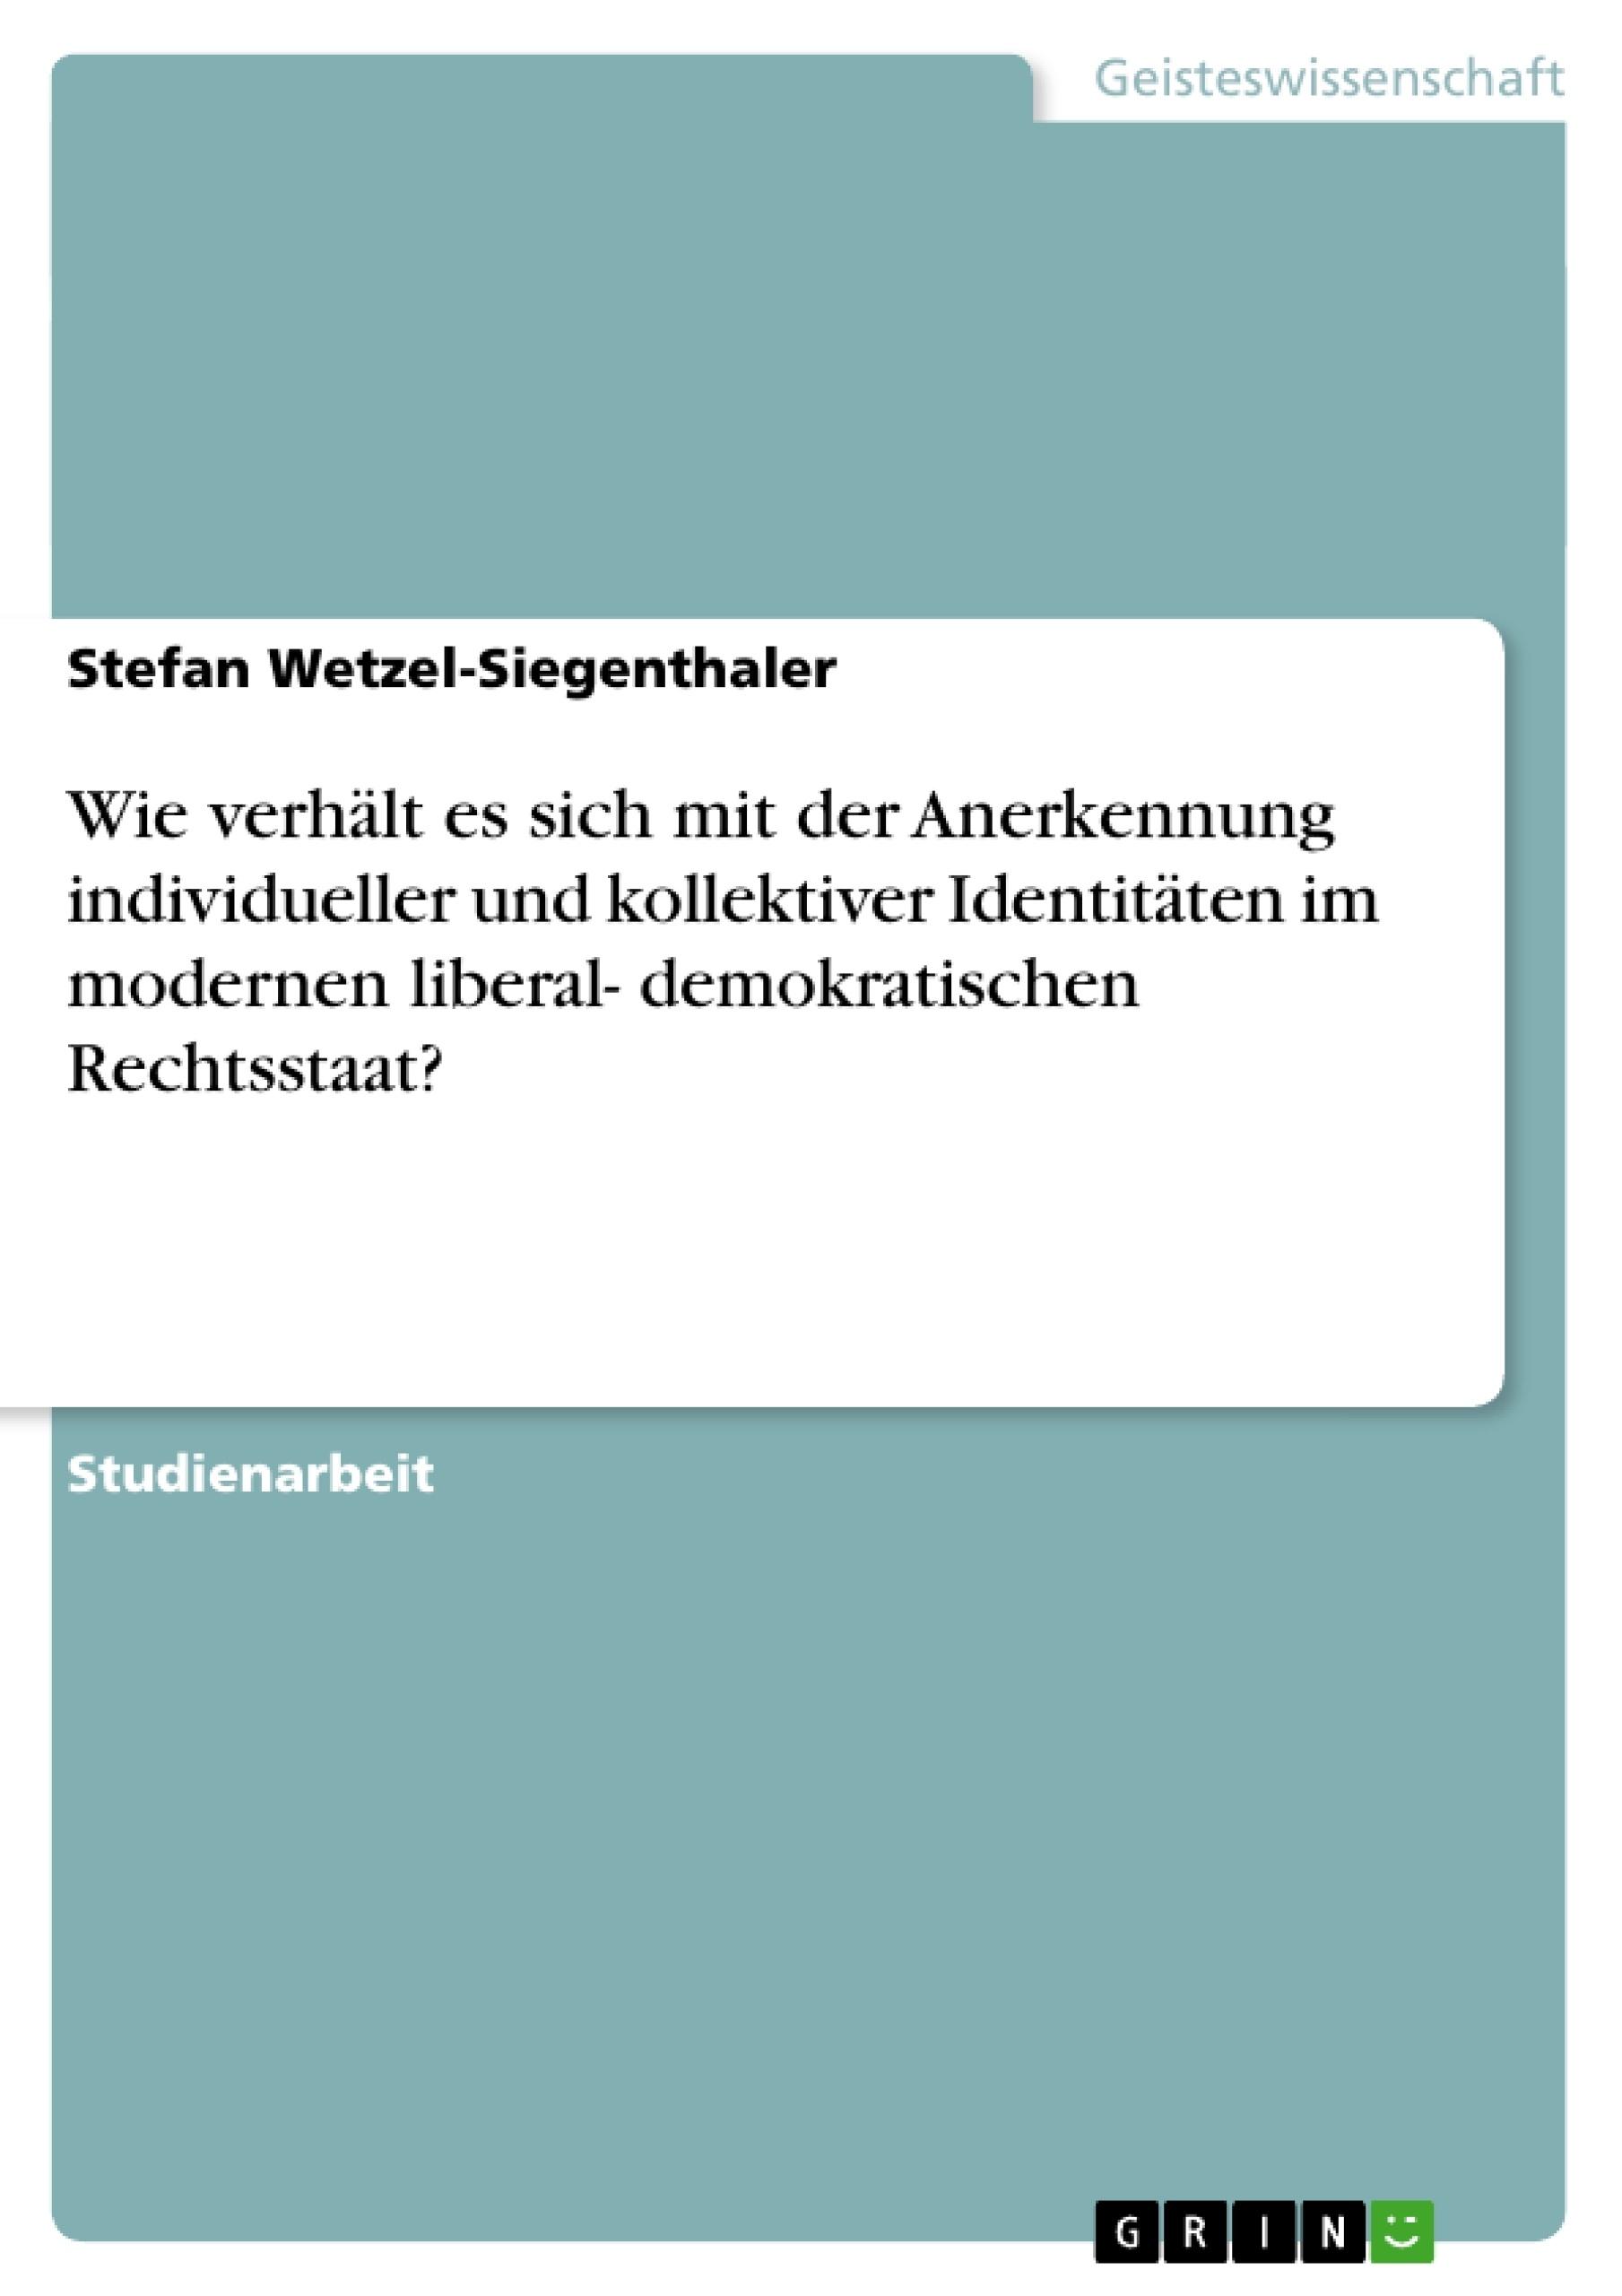 Titel: Wie verhält es sich mit der Anerkennung individueller und kollektiver Identitäten im modernen liberal- demokratischen Rechtsstaat?